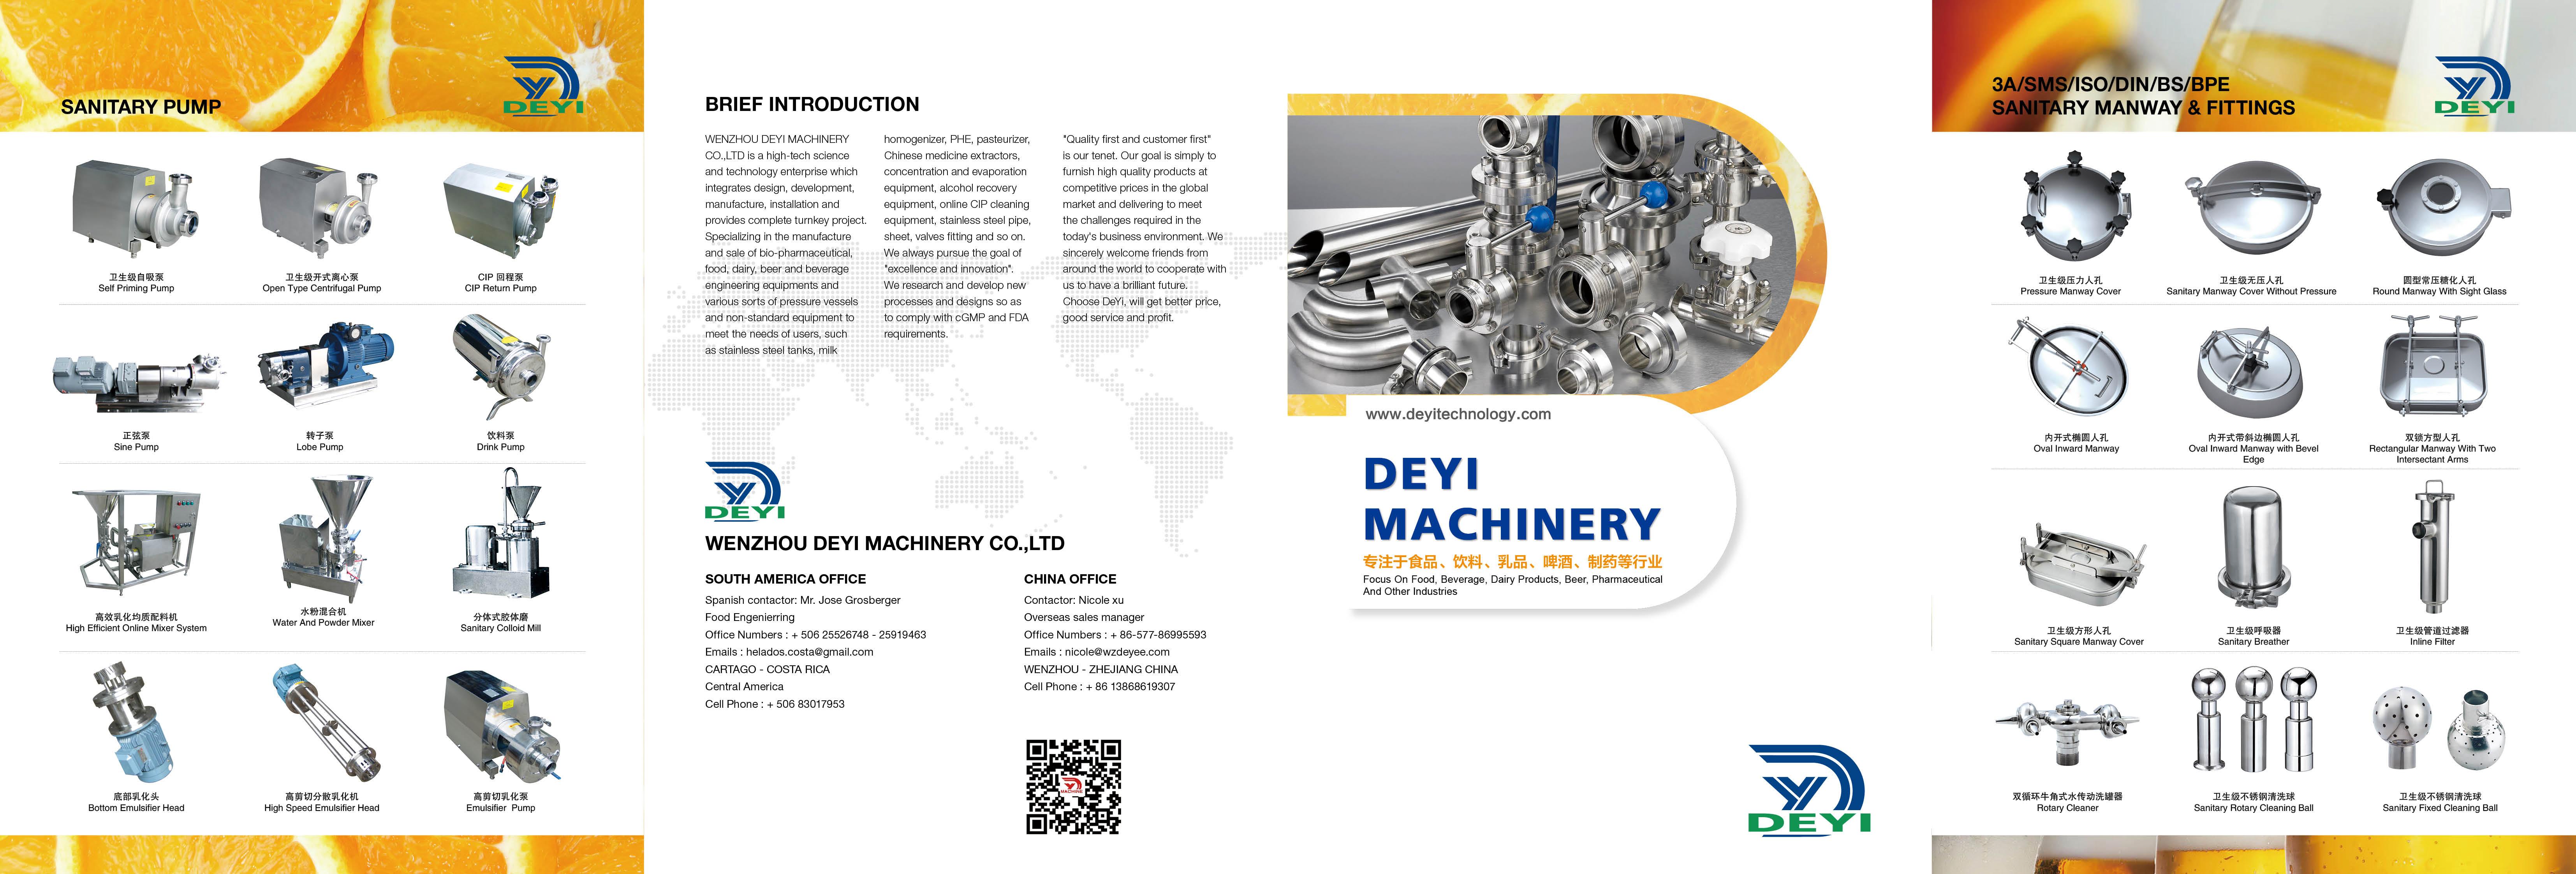 DEYI catalog of sanitary valves